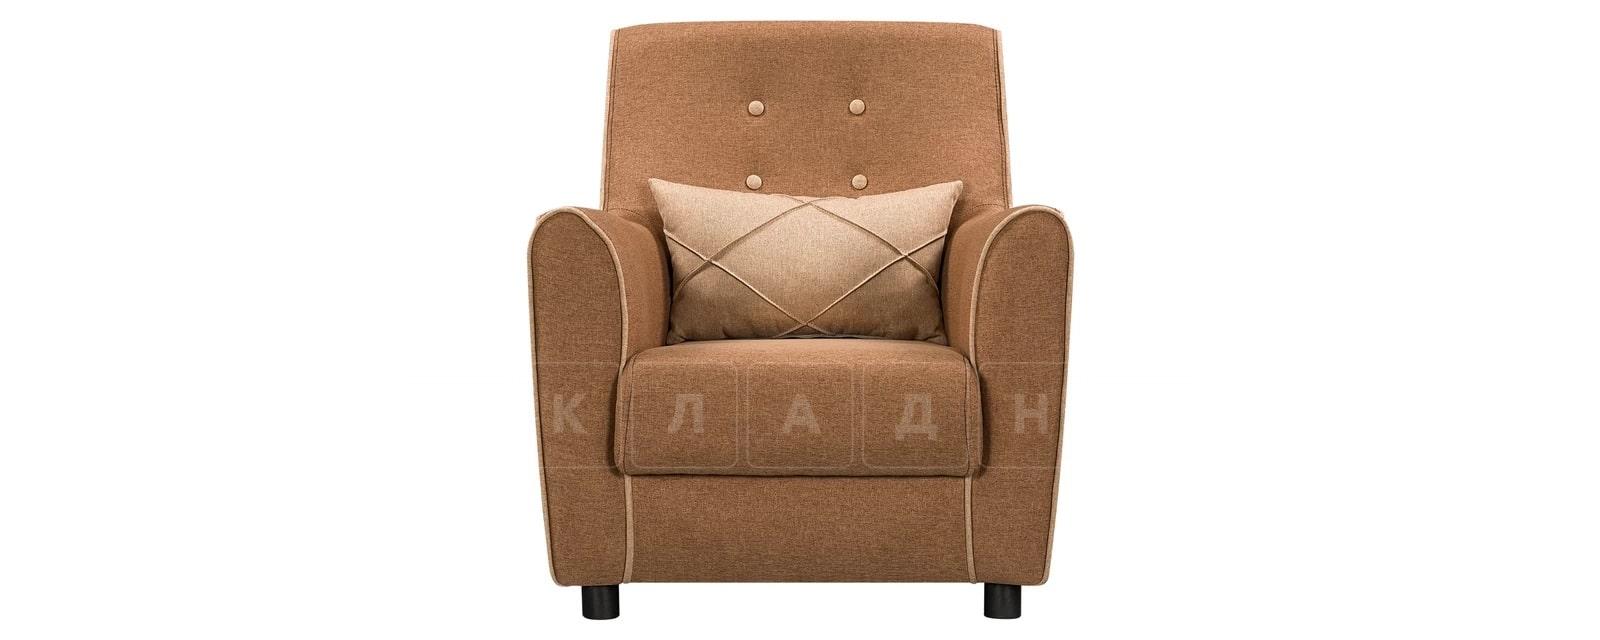 Кресло Флэтфорд рогожка коричневая с бежевым кантом фото 2 | интернет-магазин Складно